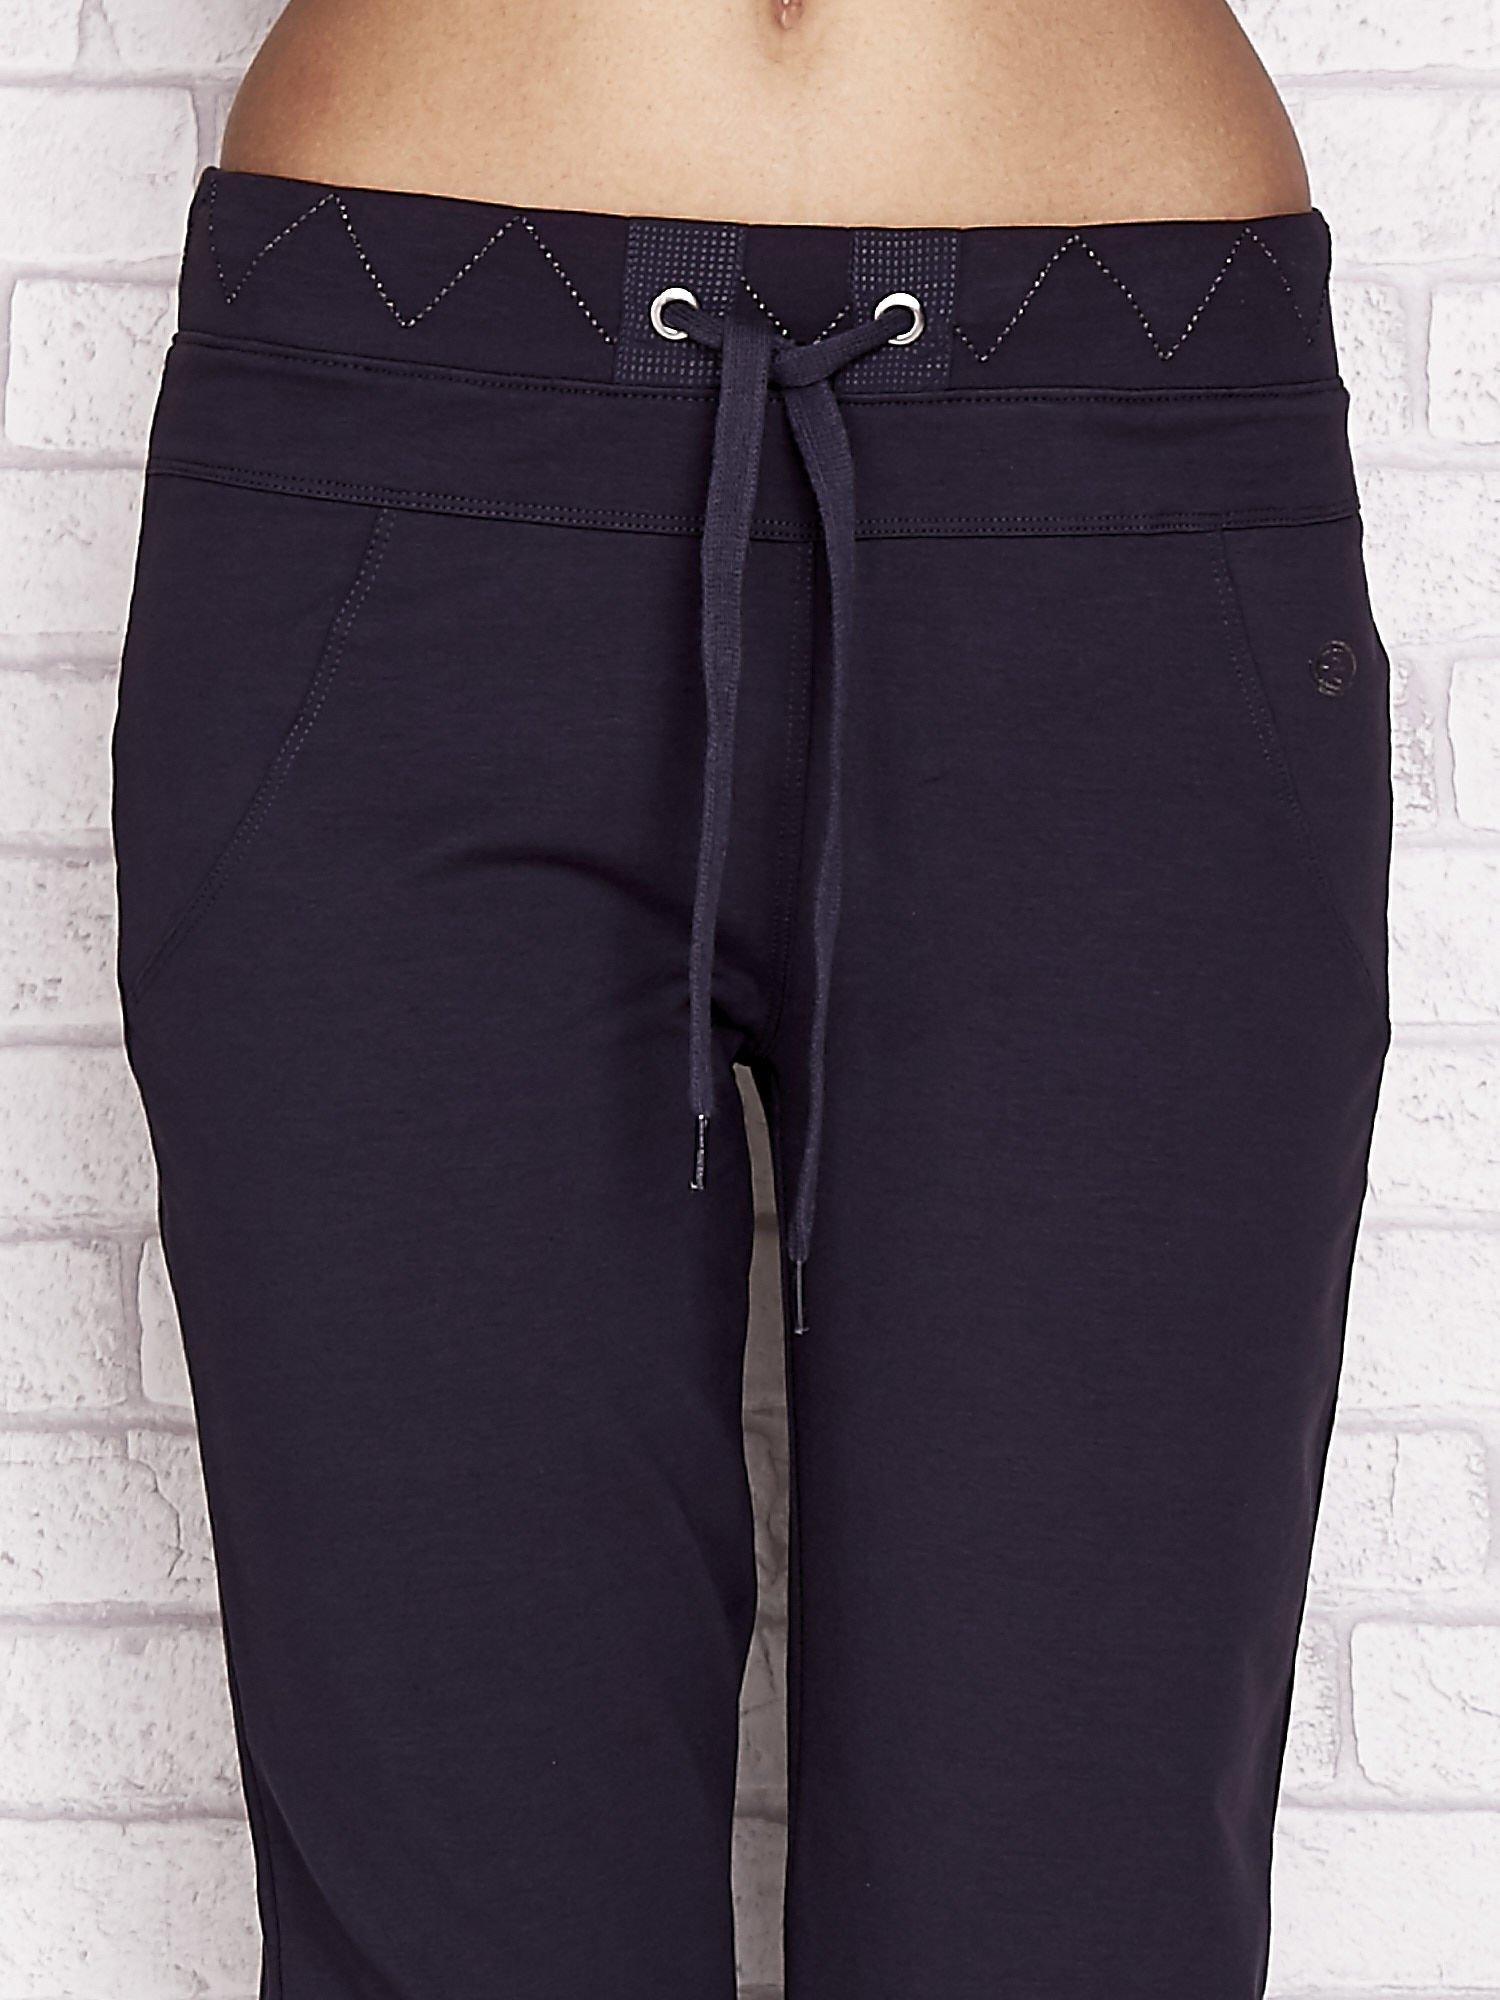 Grafitowe spodnie dresowe capri z ozdobnym przeszyciem w pasie                                  zdj.                                  4